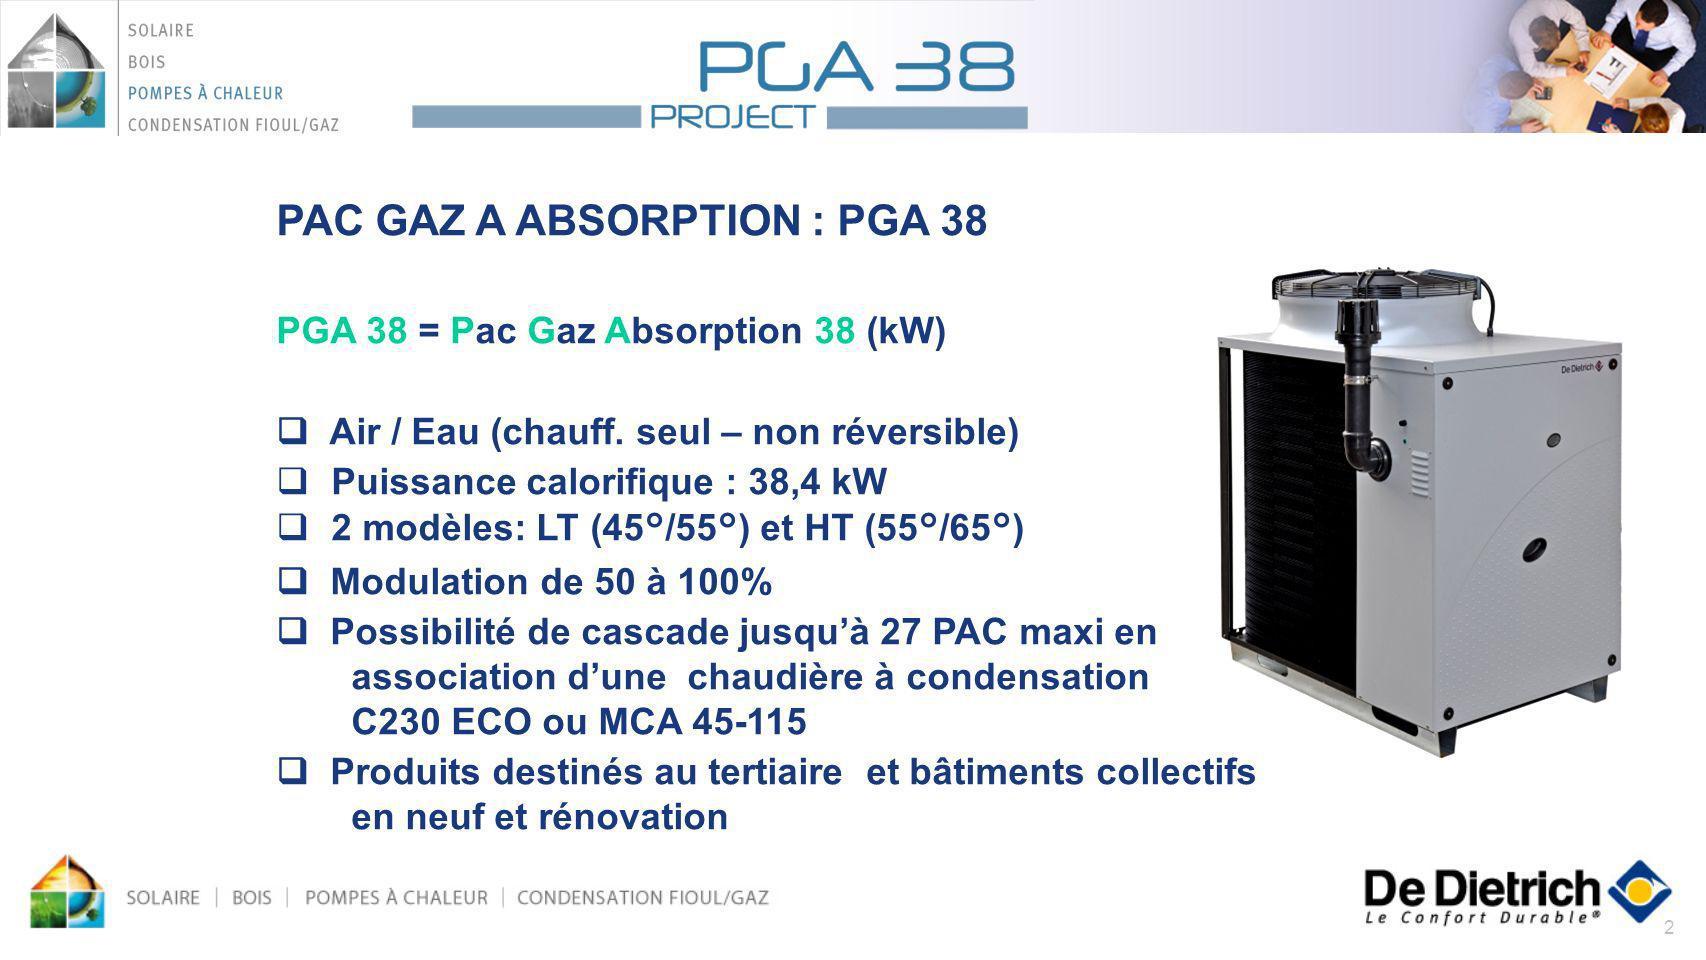 23 PAC PGA 38 et équivalent CO2 +40 % Source : arrêté du 15 septembre 2006 relatif au diagnostic de performance énergétique Source : contenu CO2 des énergies électriques consommées pour le chauffage en hiver («consommations marginales » selon Note du 8 octobre 2007 - Réseau de Transport Electrique RTE+ ADEME) 1.PGA 38 H à -7°C et 45°C de température deau COP en énergie finale est de 137%, émission de 0.170kg CO 2 /kWh de chauffage 2.